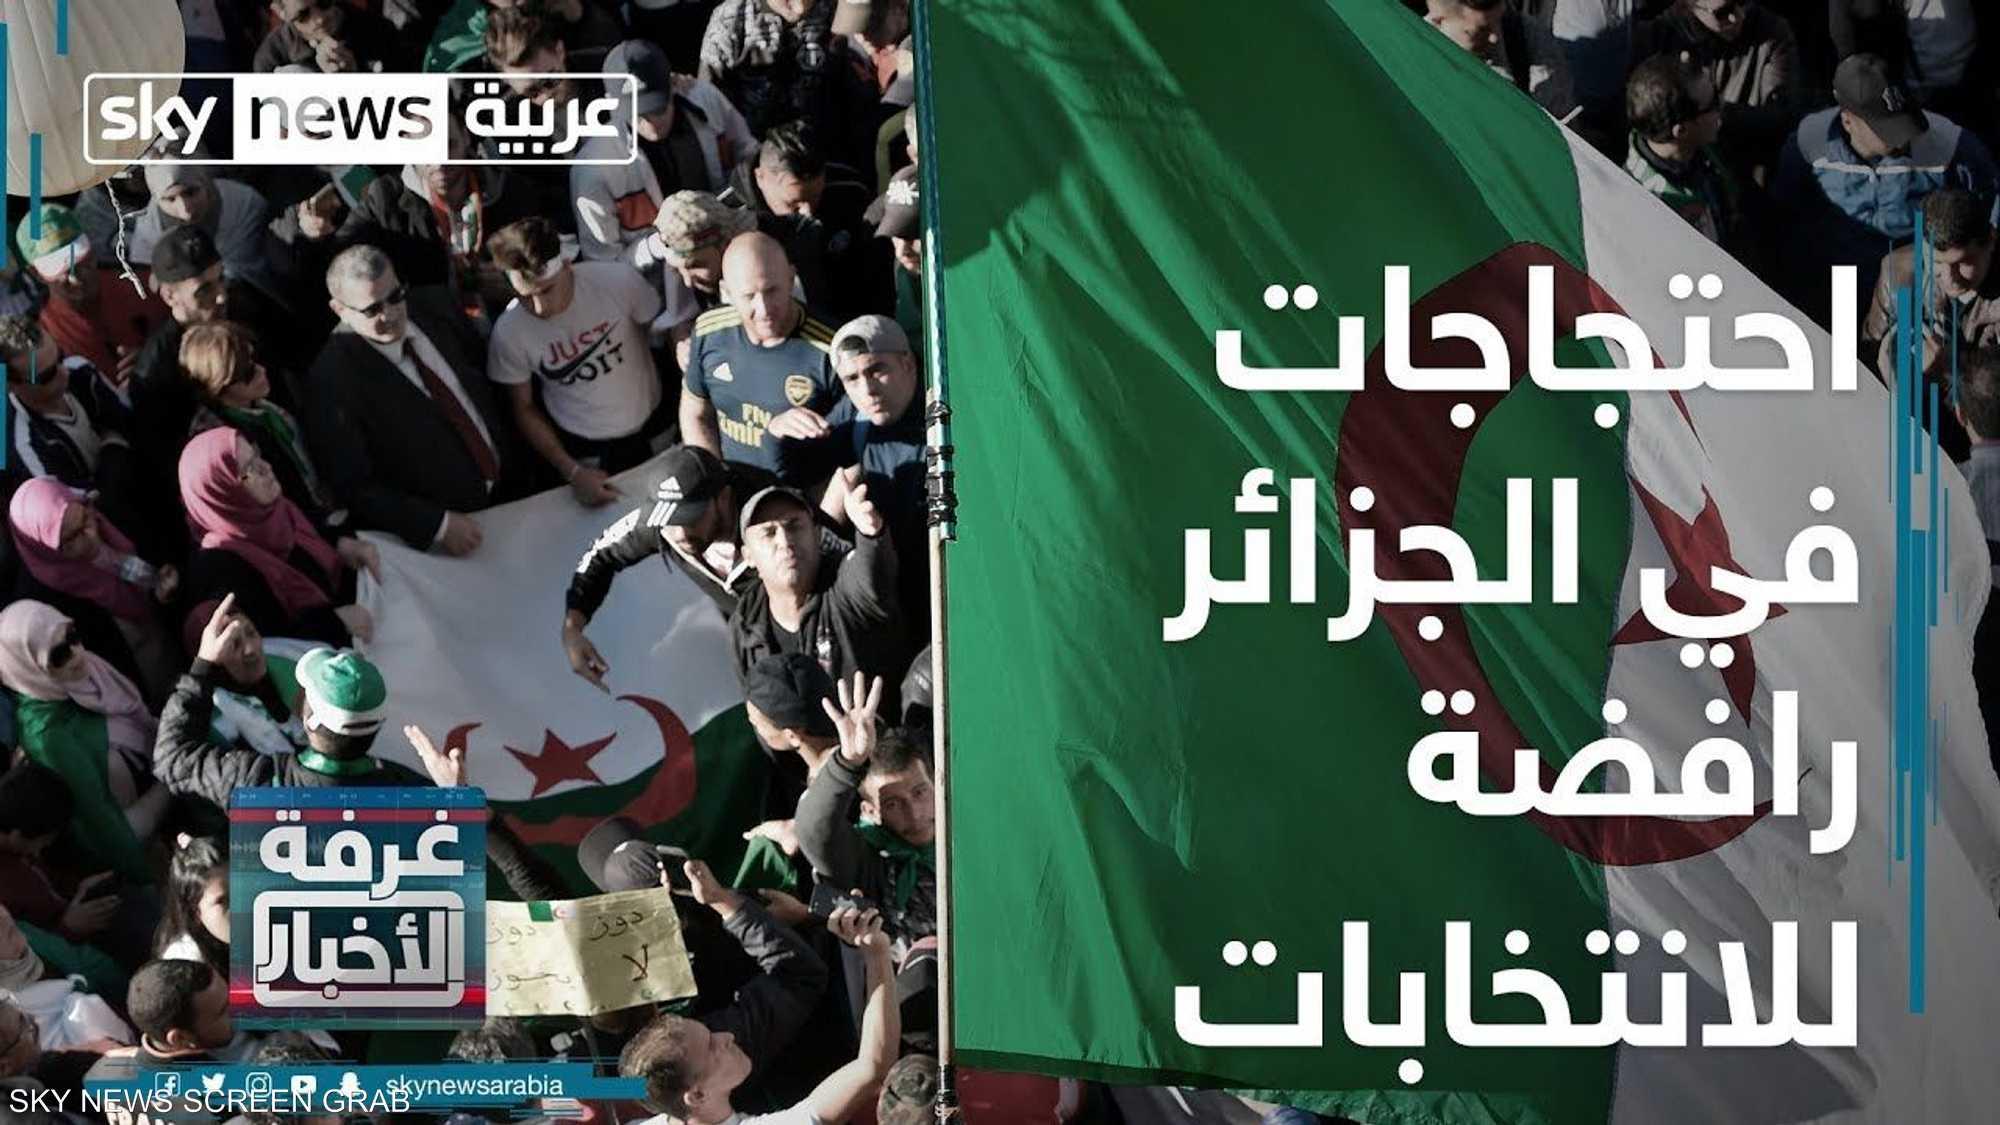 الجزائر.. احتجاجات رافضة للانتخابات عشية الاستحقاق الرئاسي